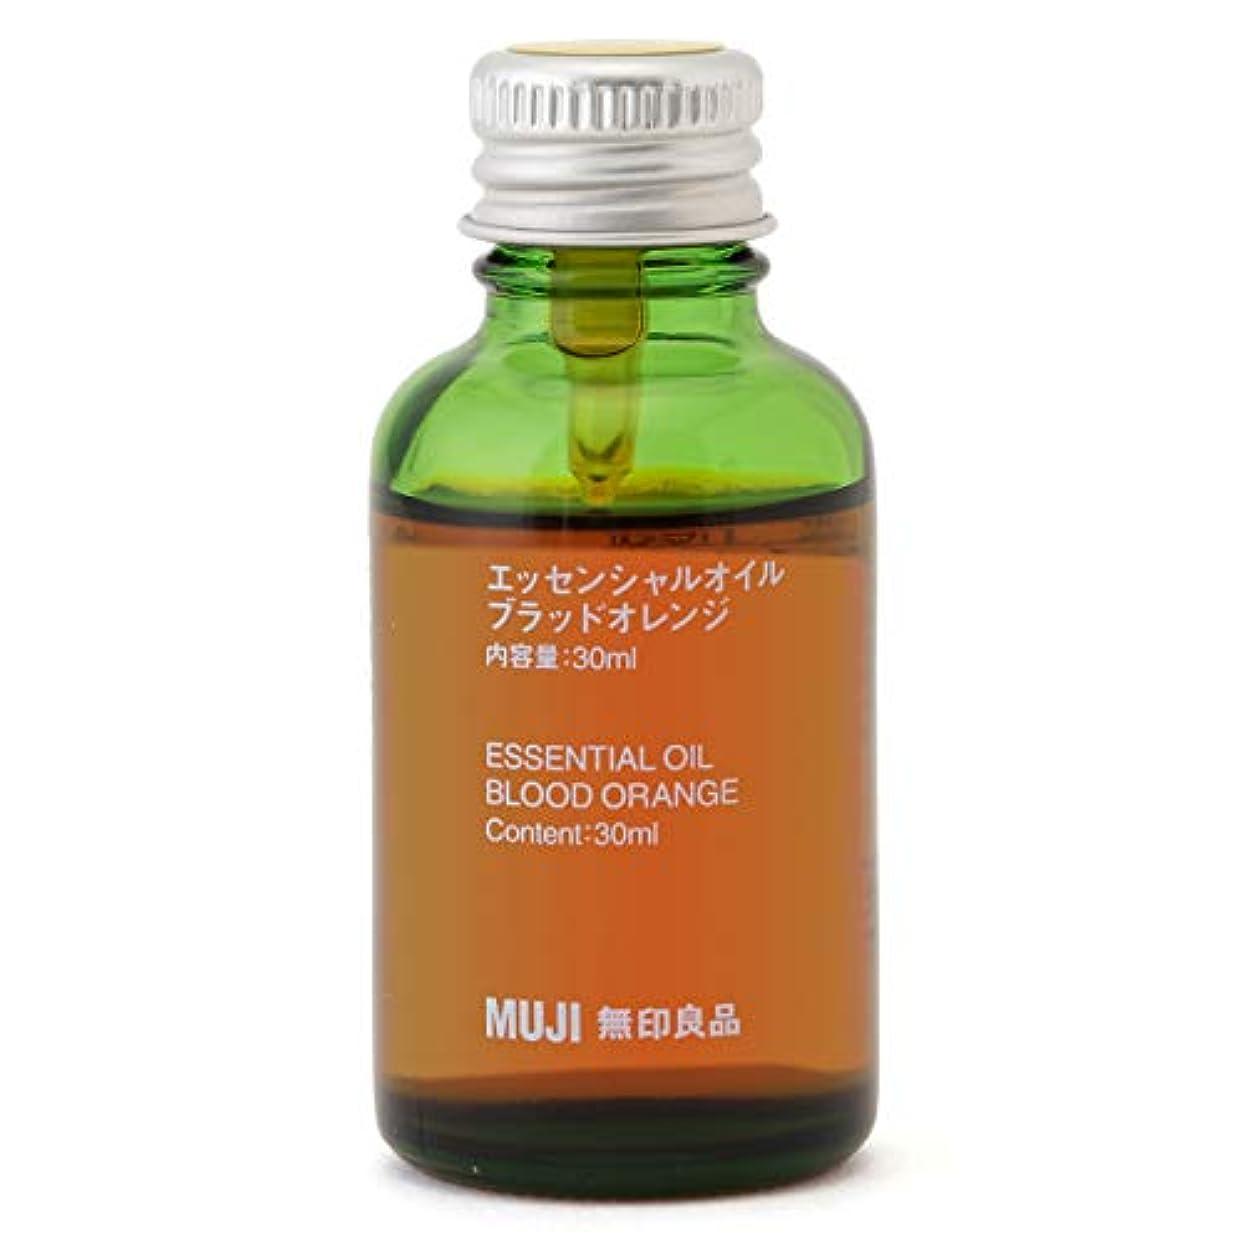 吸収順応性ホバート【無印良品】エッセンシャルオイル30ml(ブラッドオレンジ)